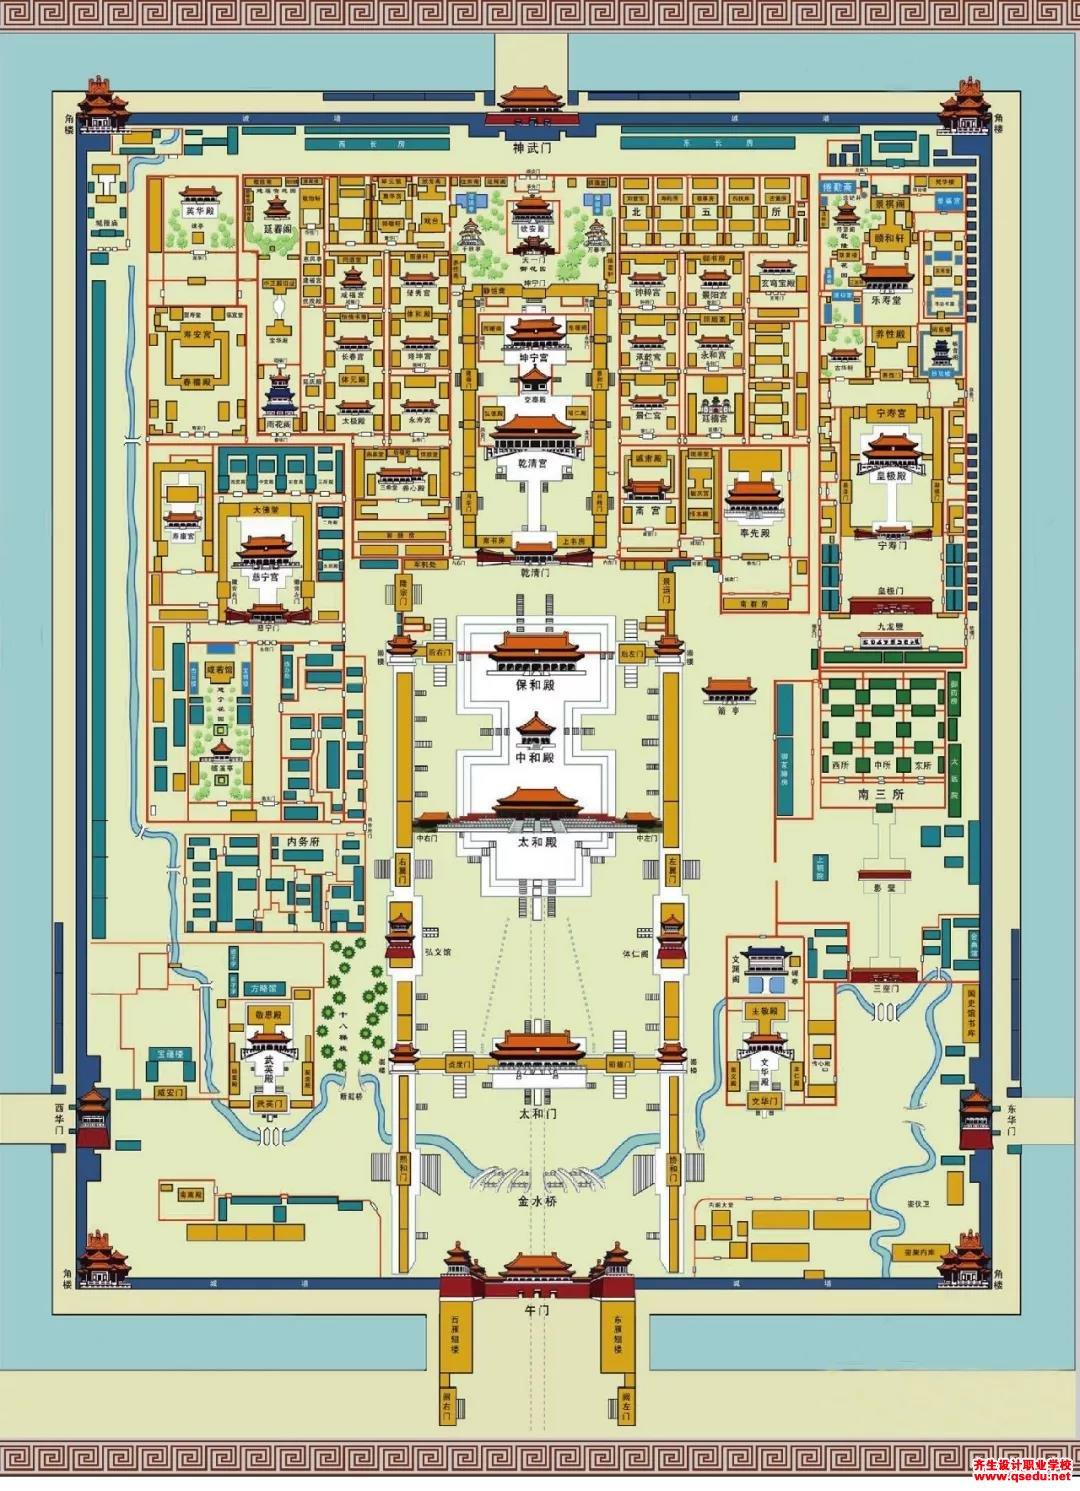 北方皇家园林平面图(故宫,圆明园,颐和园,承德避暑山庄等)图片